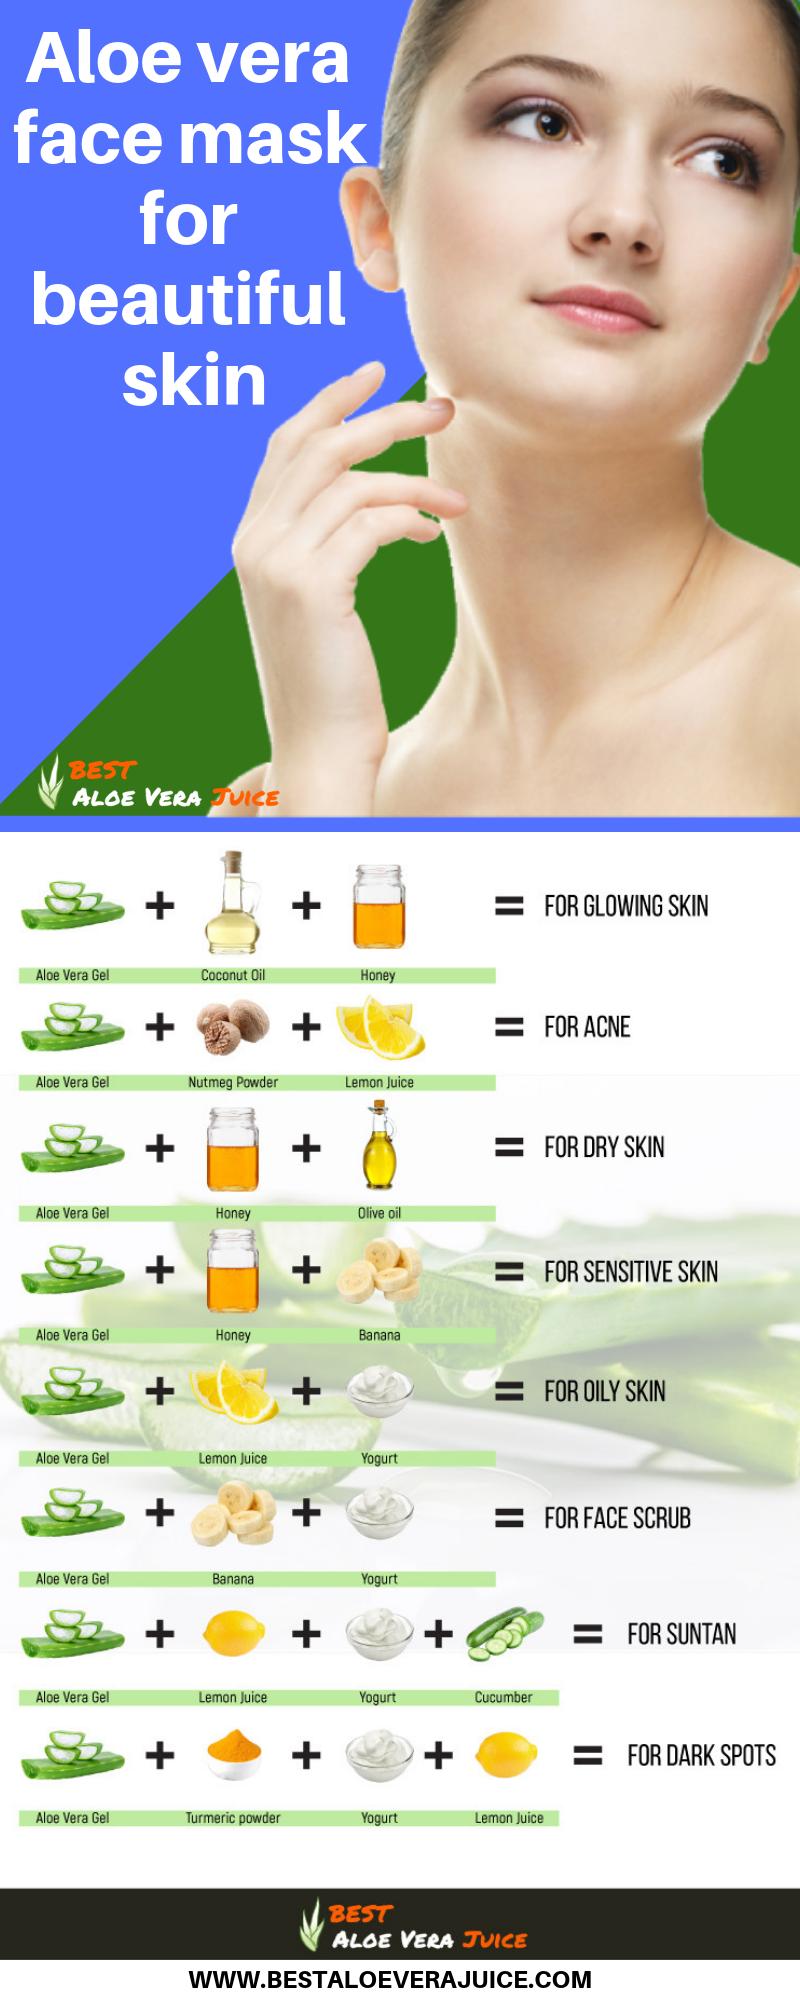 Aloe vera face mask for pores